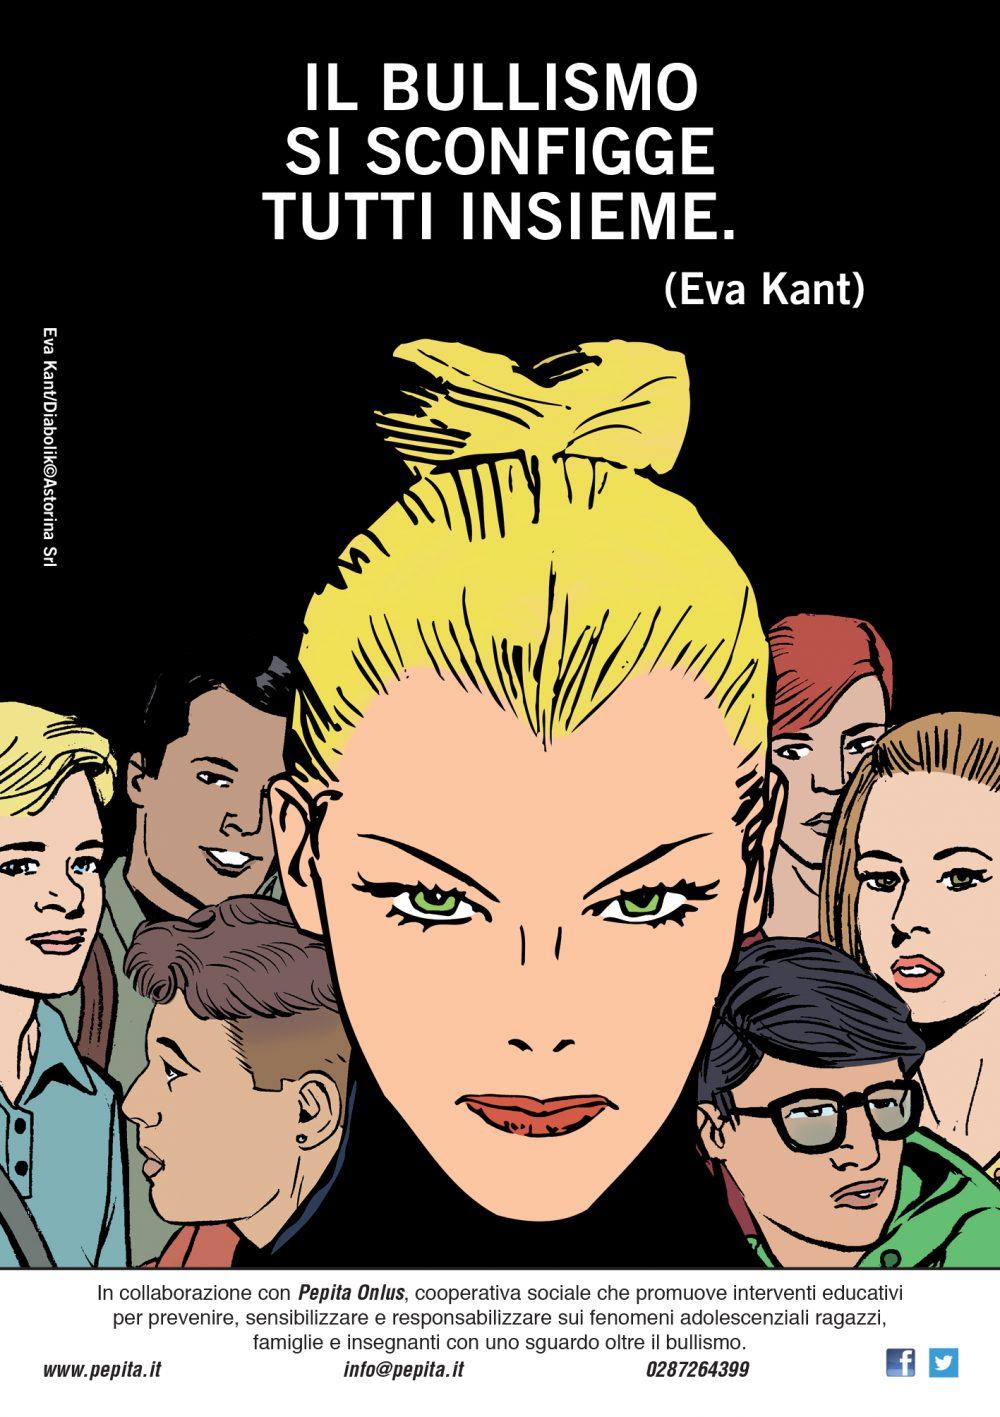 Eva contro il Bullismo: pagina speciale realizzata per la campagna organizzata da Astorina e Pepita Onlus